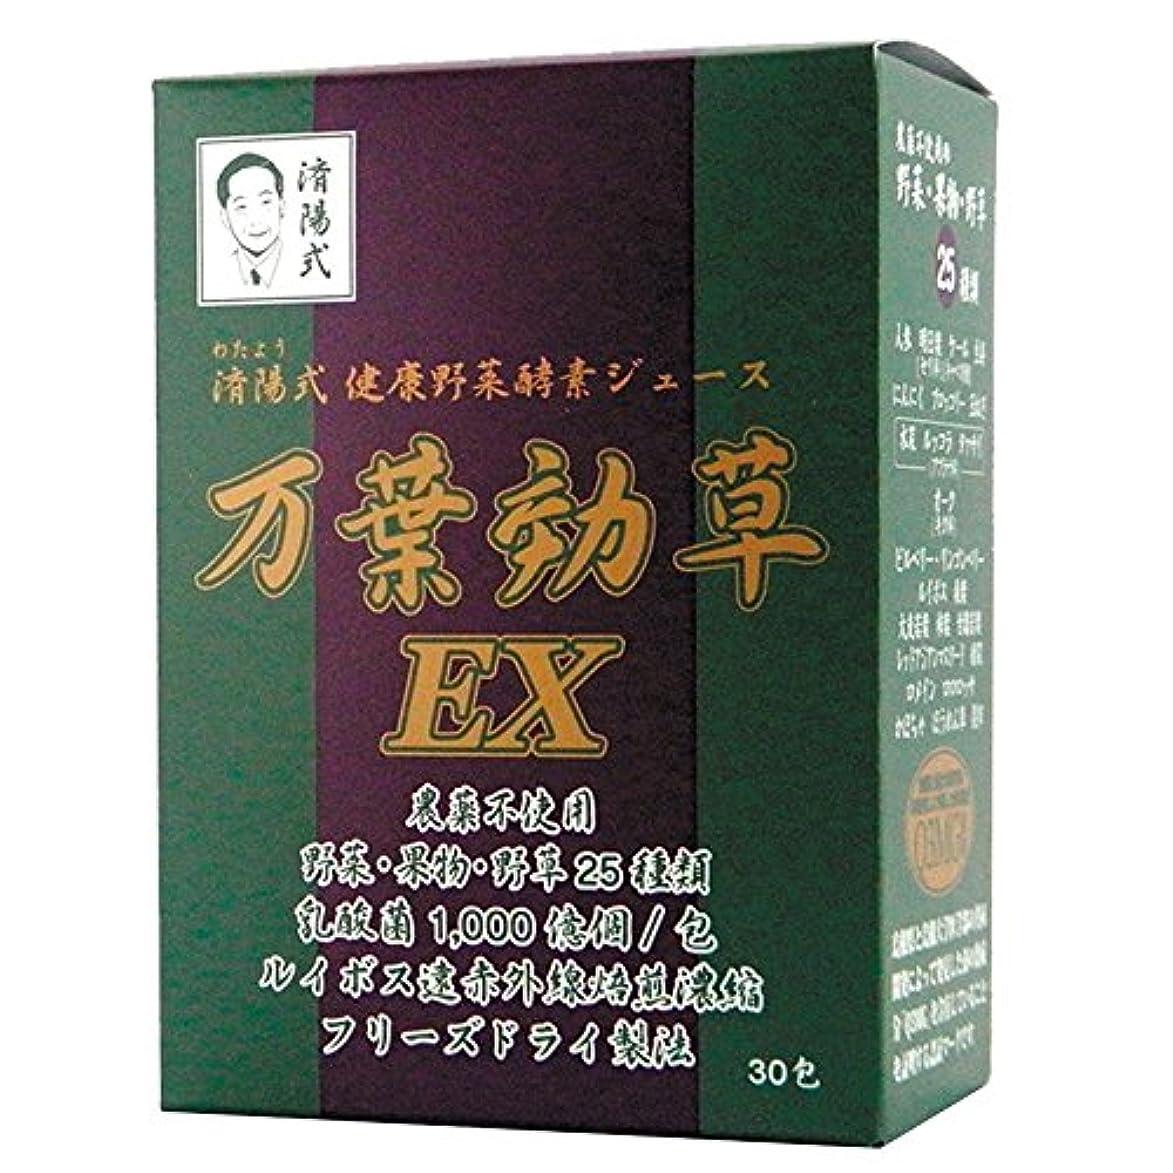 知覚的裏切り却下するAIGエム 済陽式 健康野菜酵素ジュース 万葉効草EX